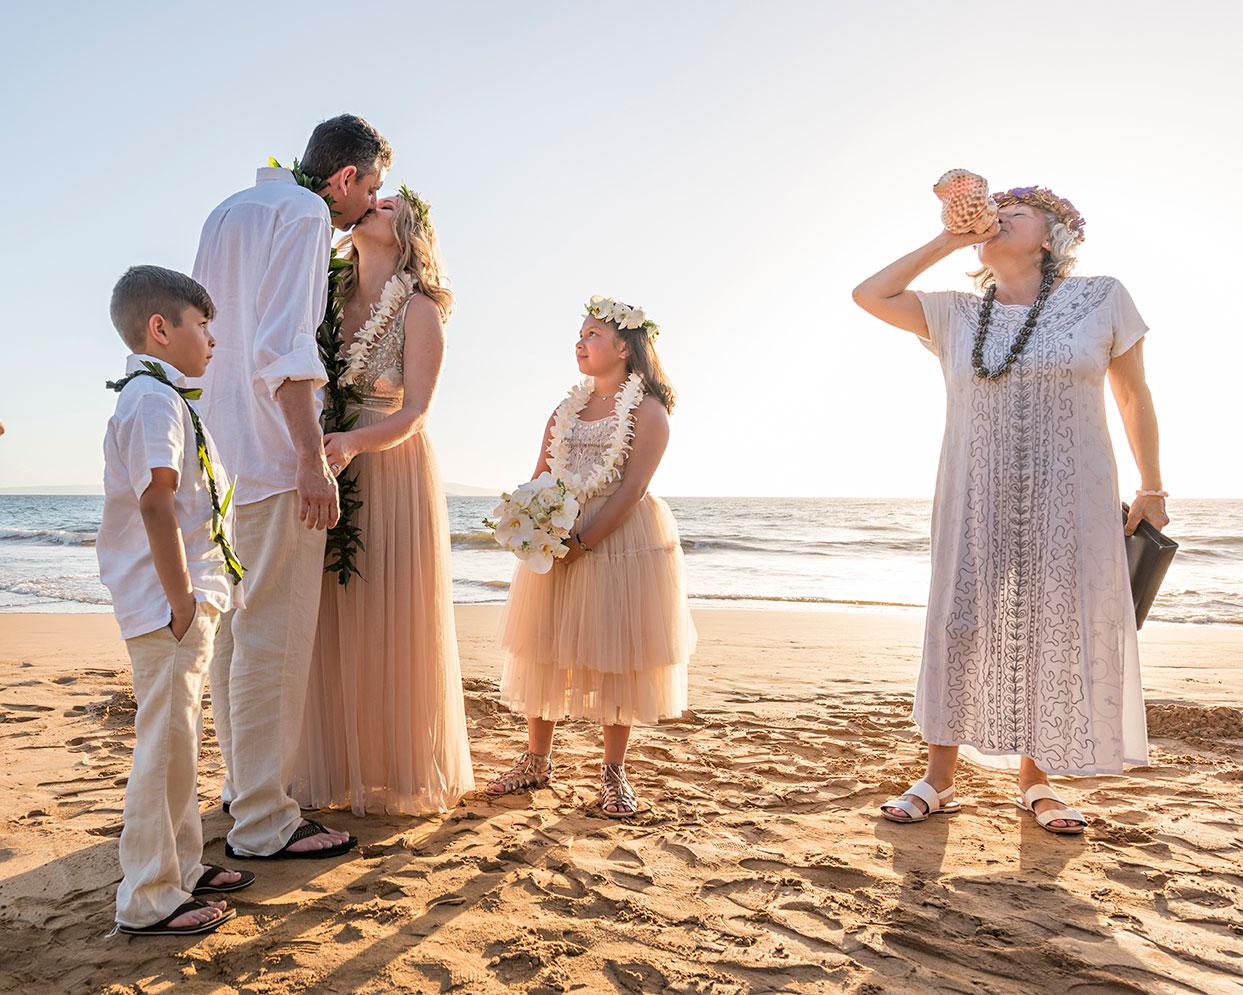 beach wedding ceremony maui